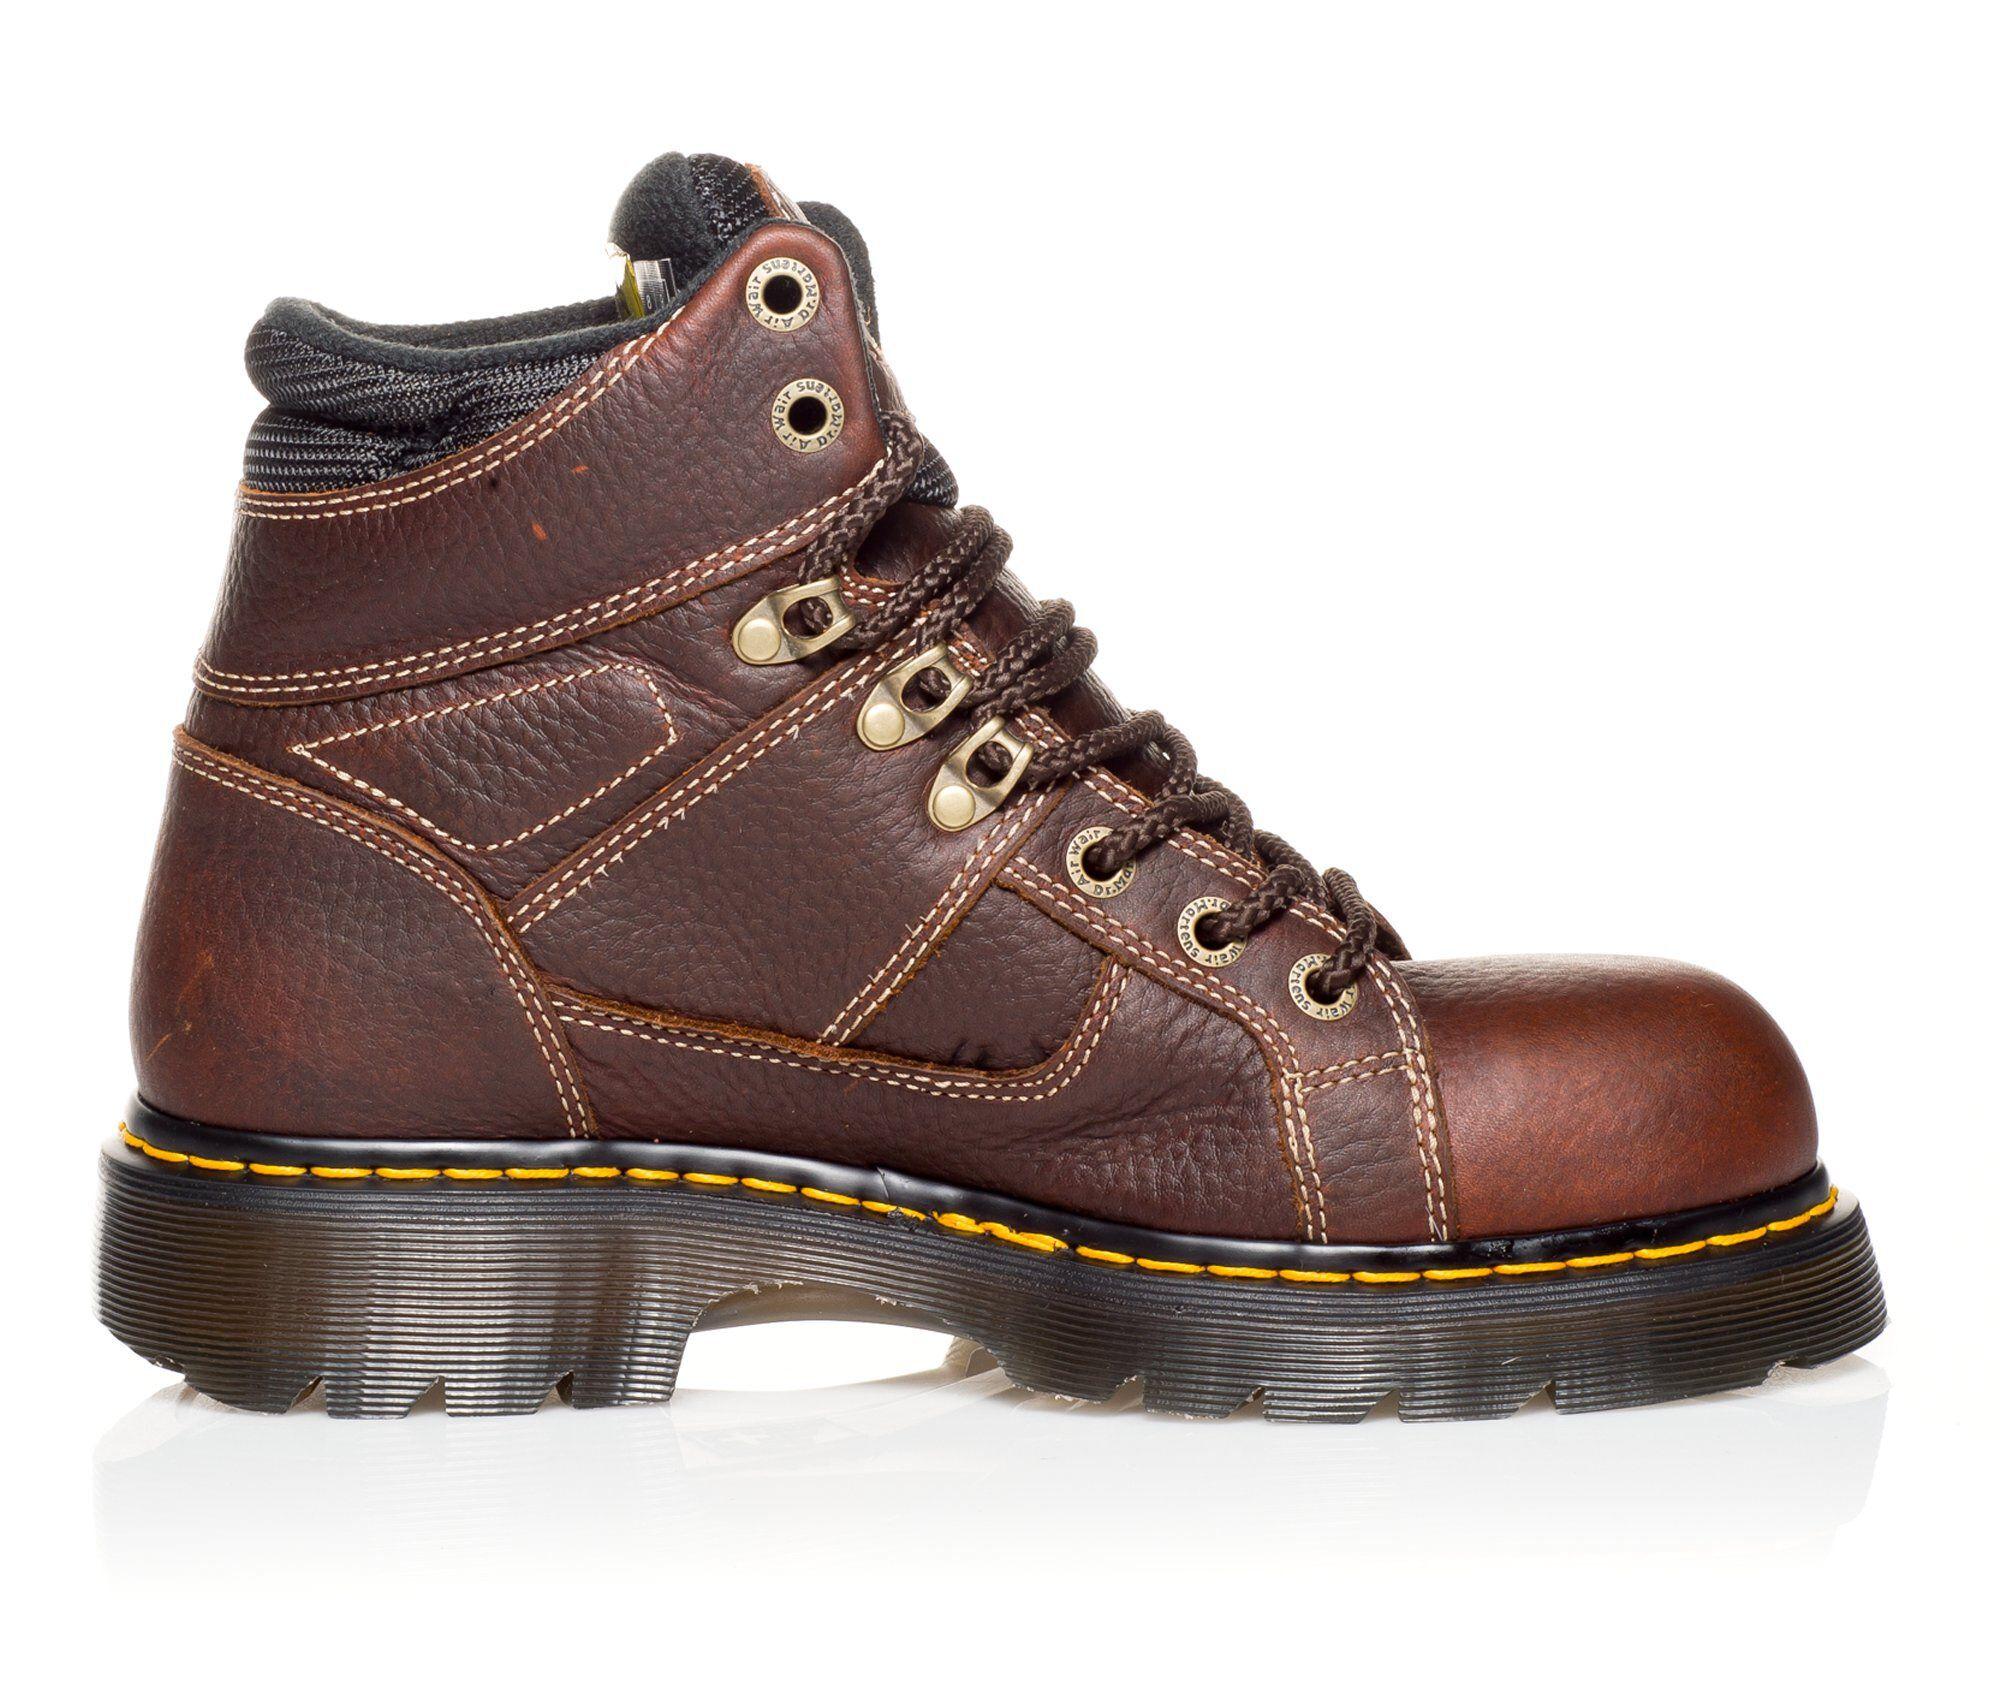 Men's Dr. Martens Industrial Ironbridge 6 In Steel Toe Work Boots Teak